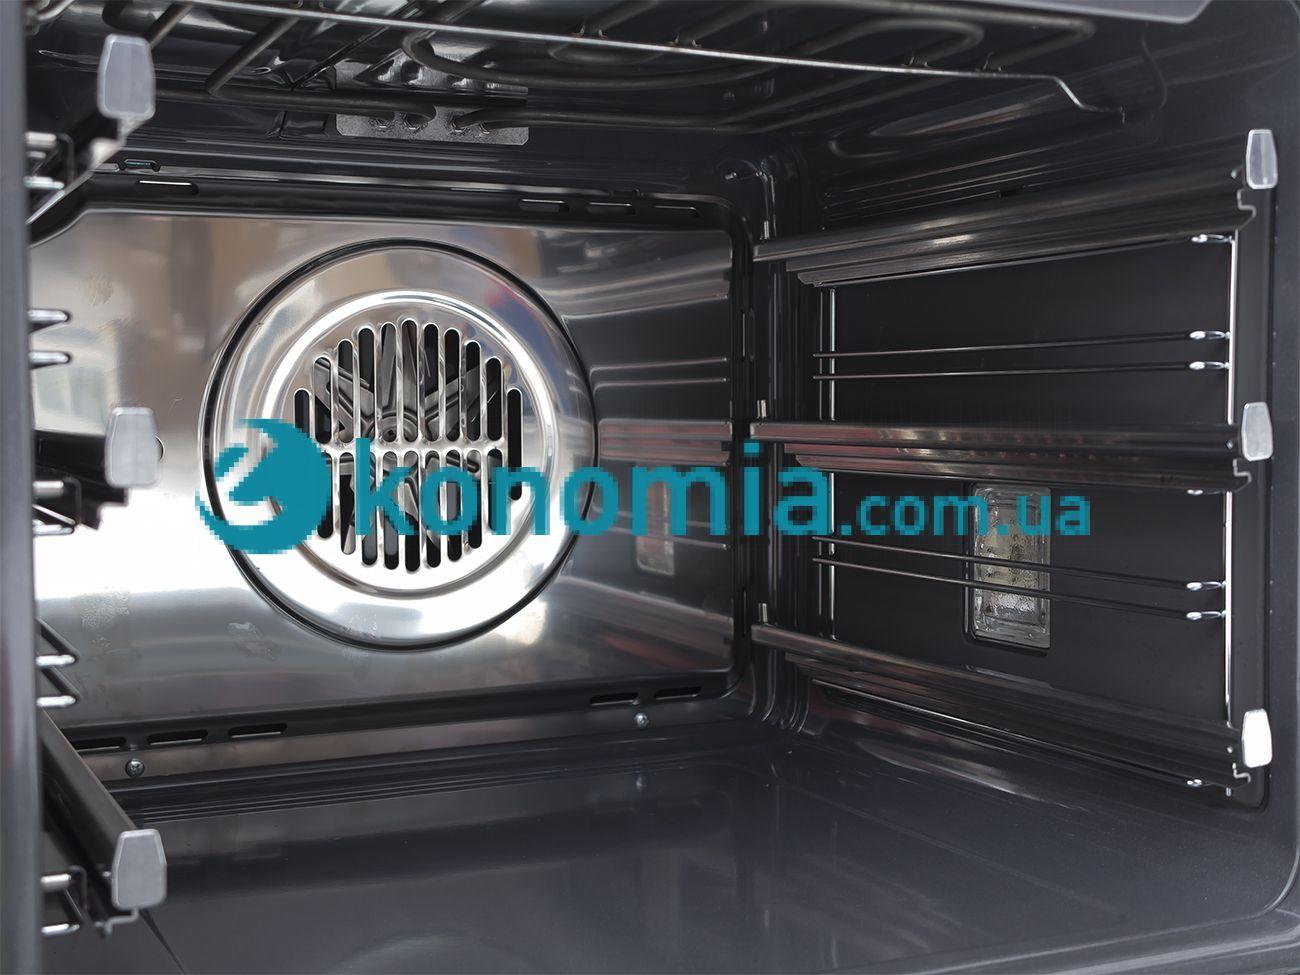 Гидролизная очистка духовки: что это такое, как ее проводить, какой тип очистки лучше